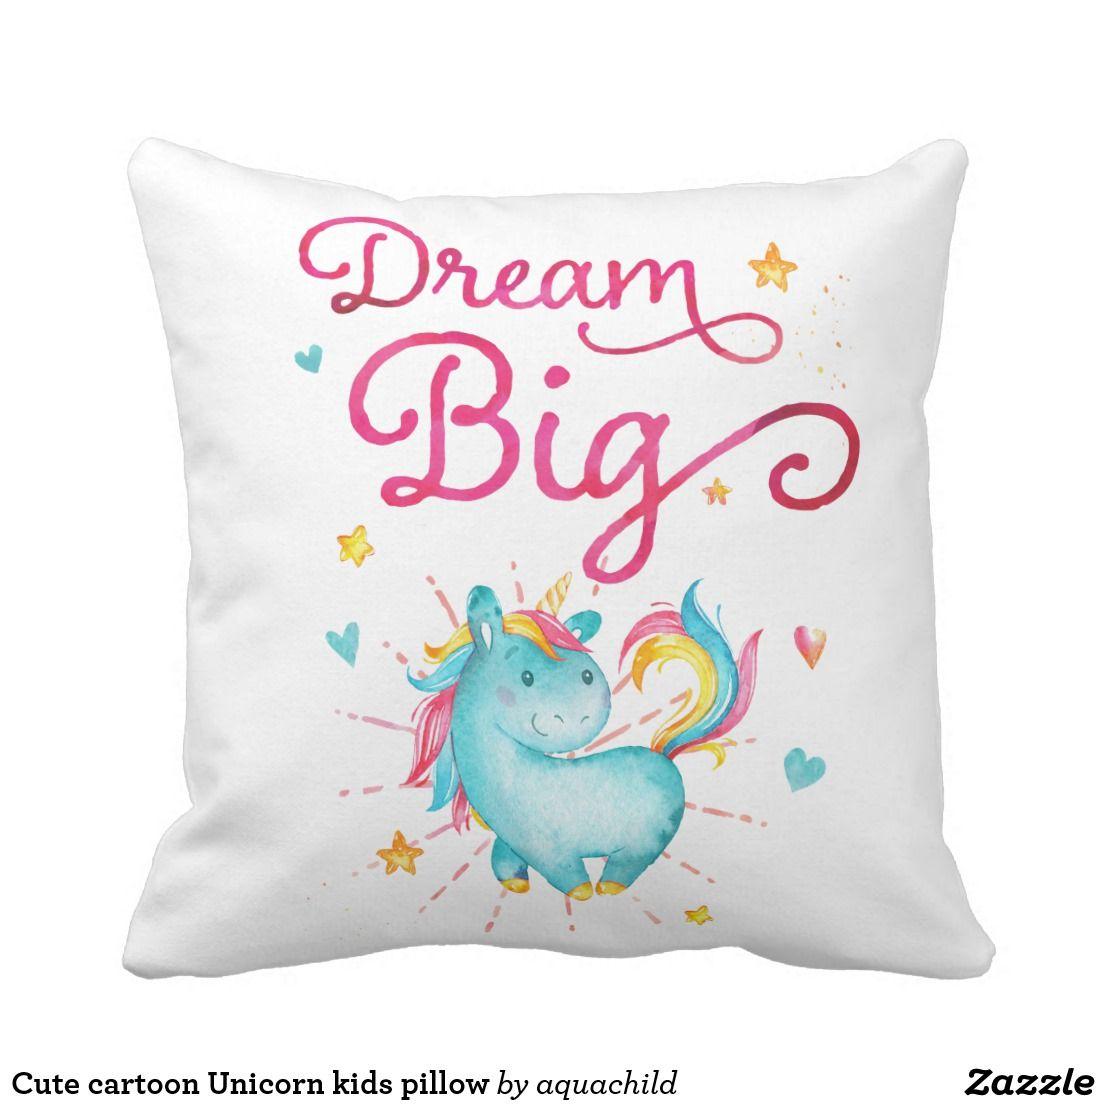 Cute cartoon unicorn kids pillow pillowspillowspillows